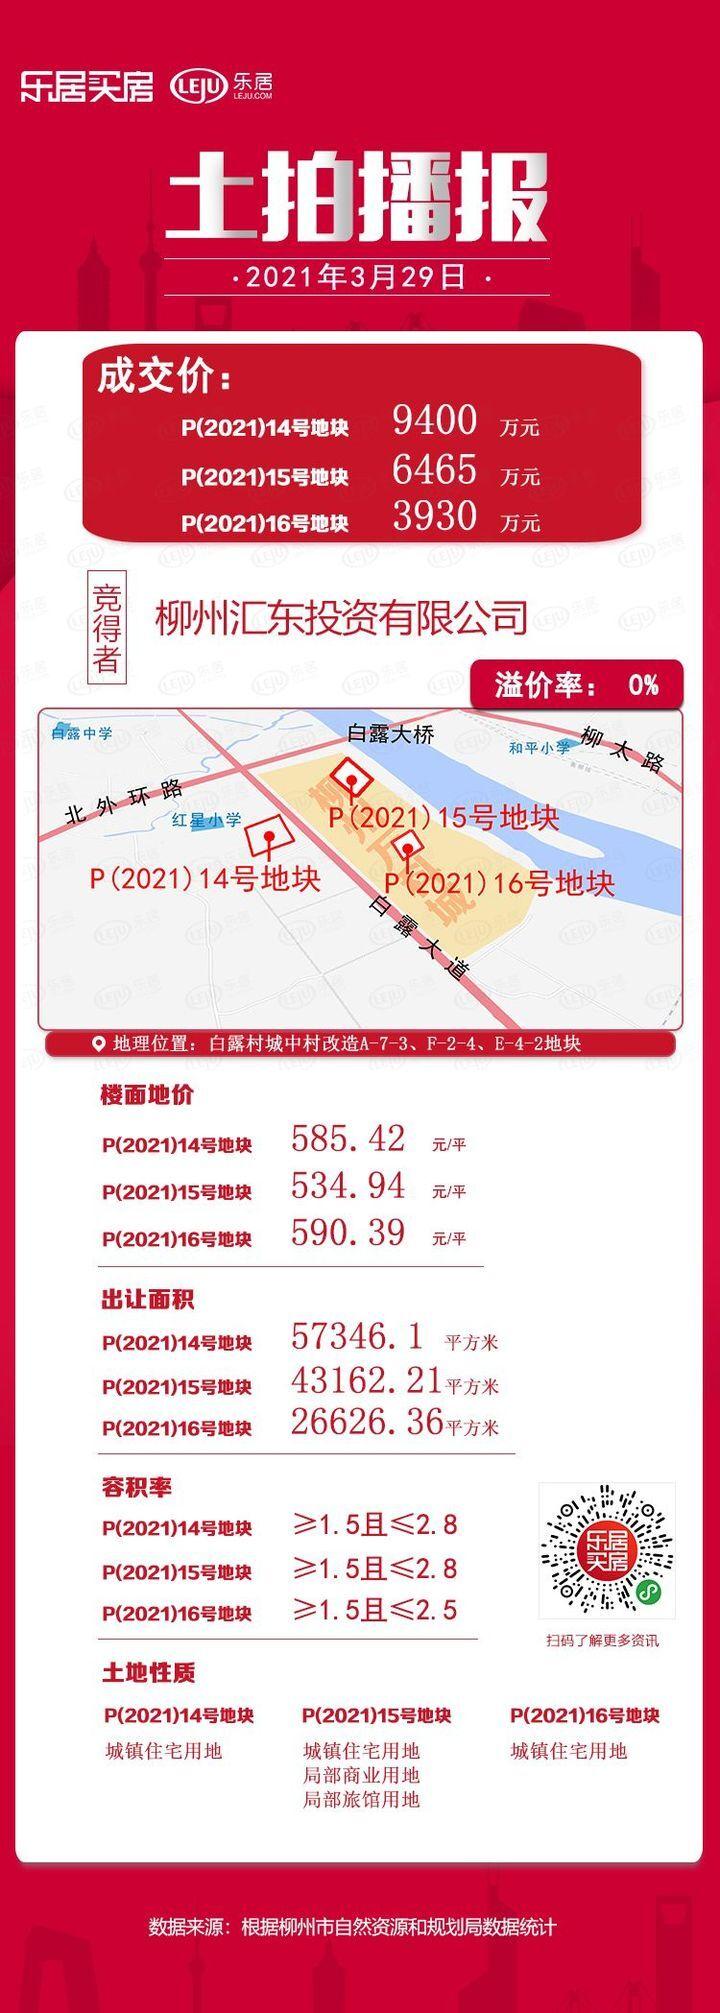 总揽金28.7亿 !3月土拍共成交15宗816亩地